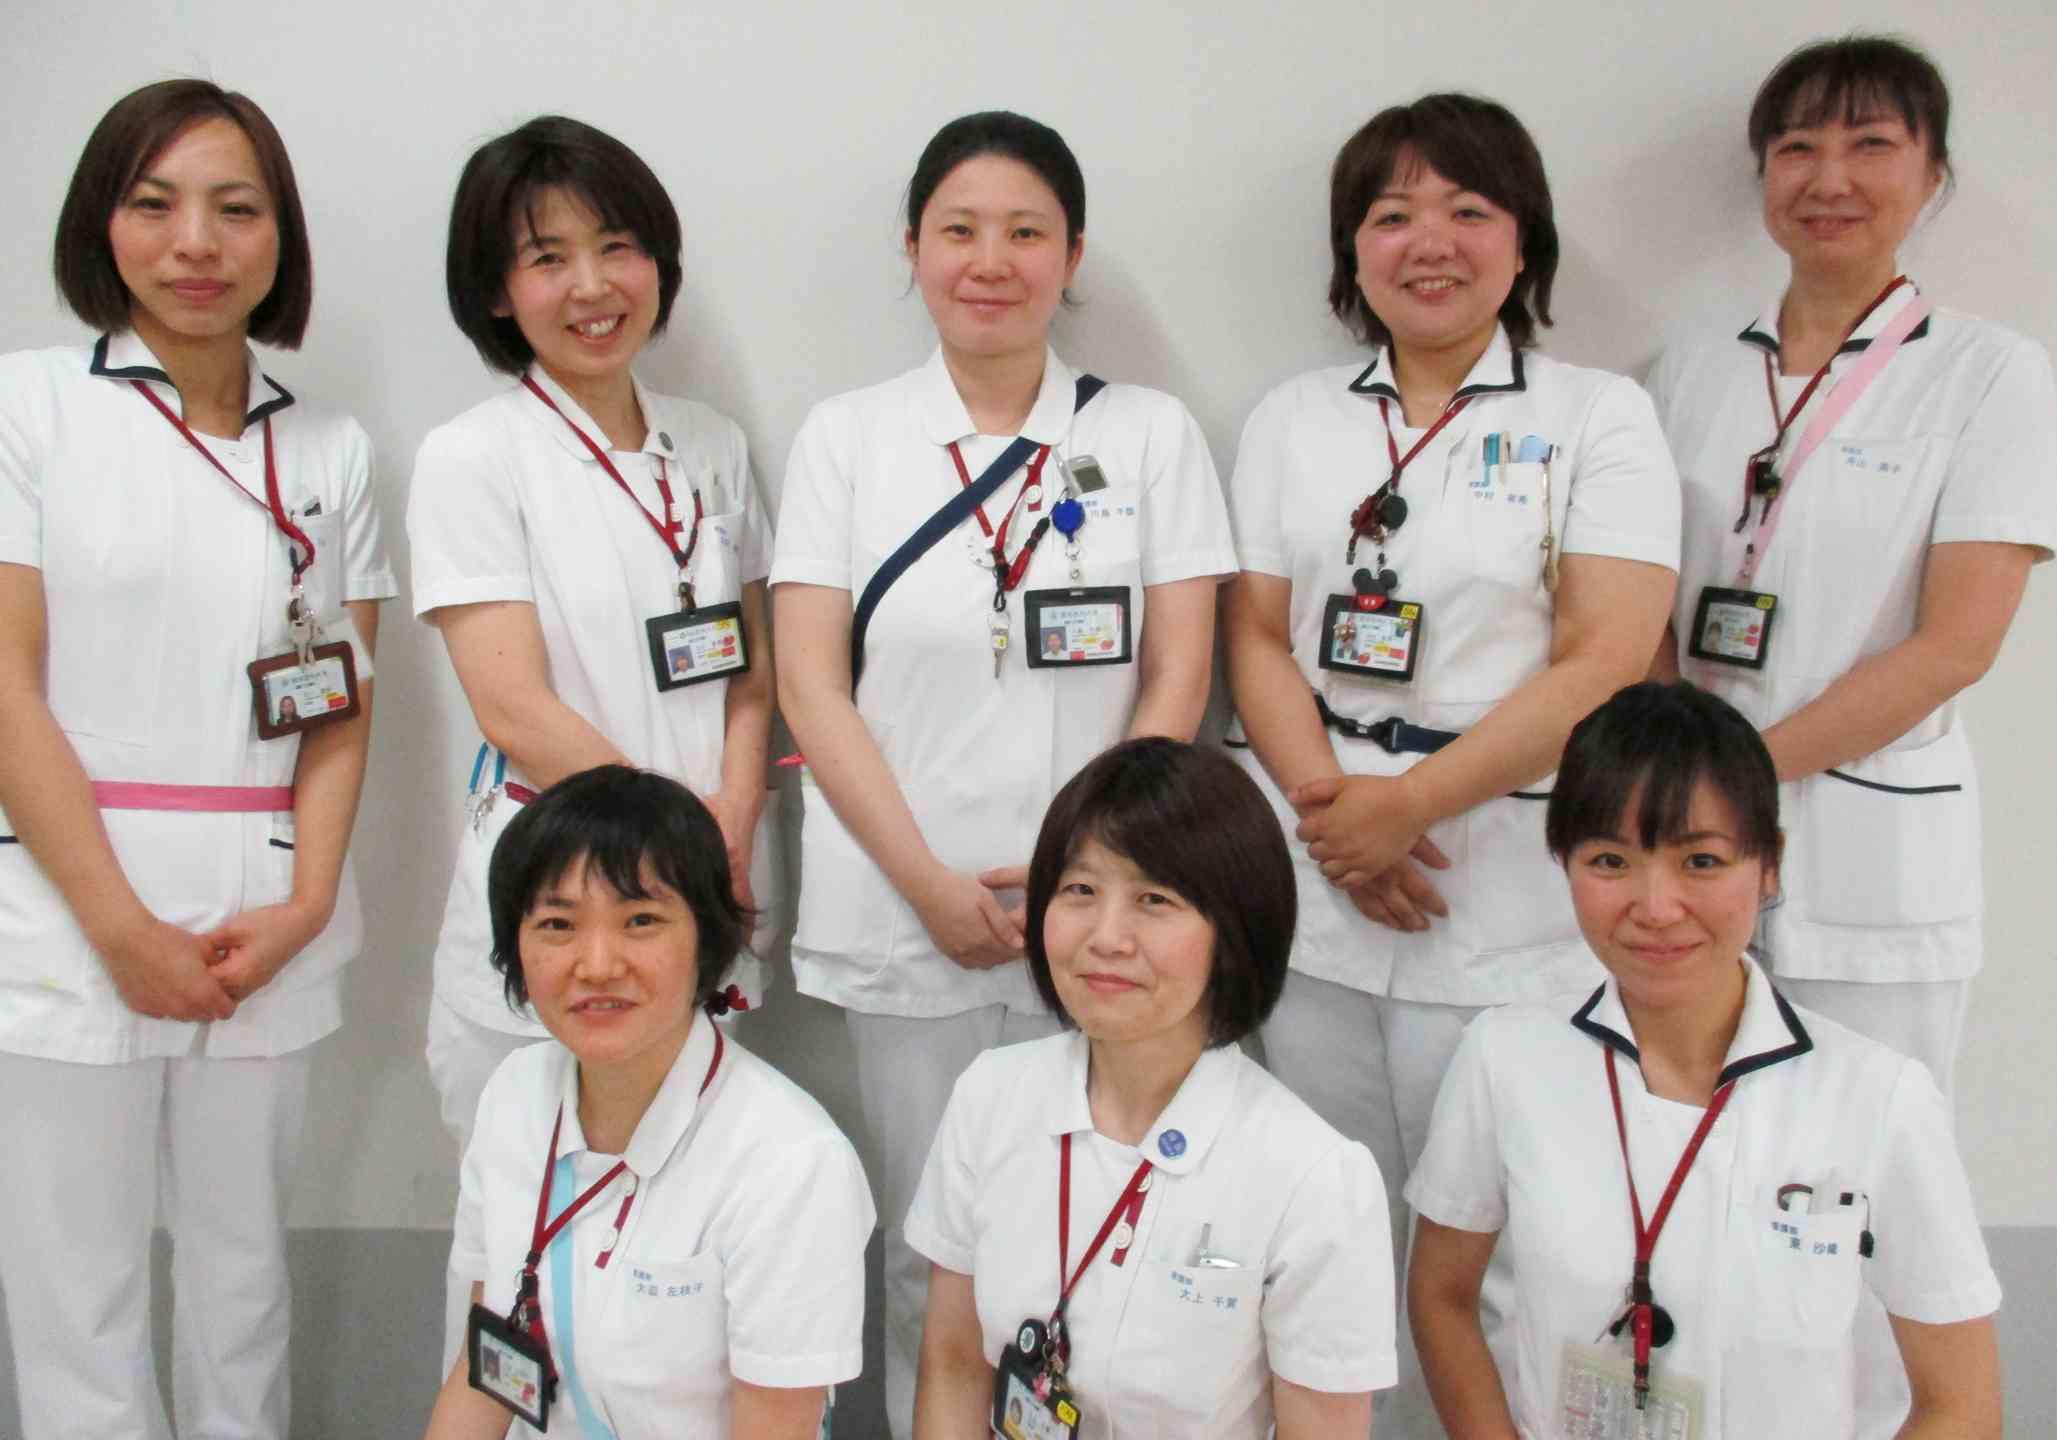 専門学校日本医科学大学校の入試出願・就職資格情 …